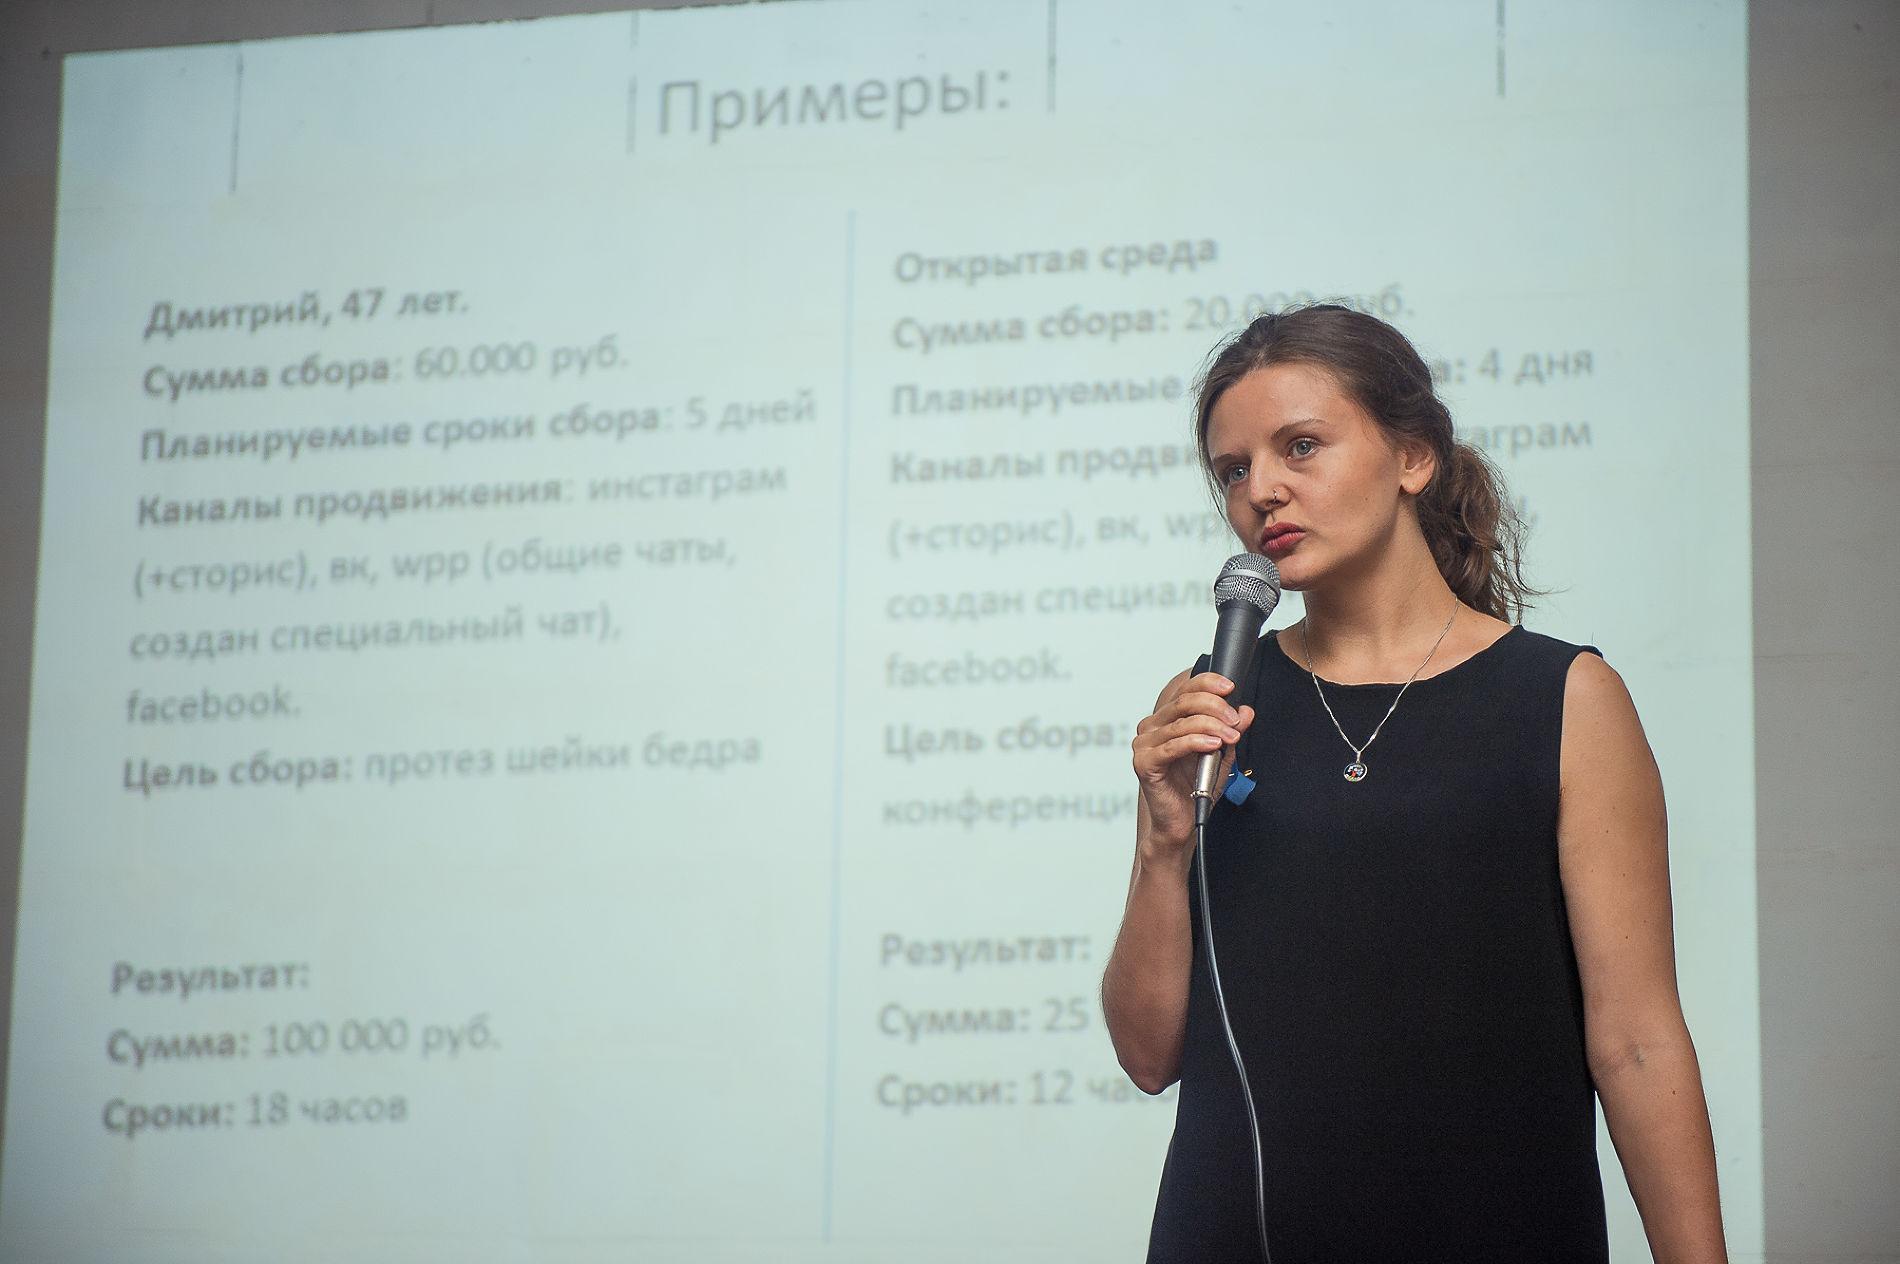 Елена Пастух рассказывает о собственных успешных сборах ©Фото Андрея Резуна